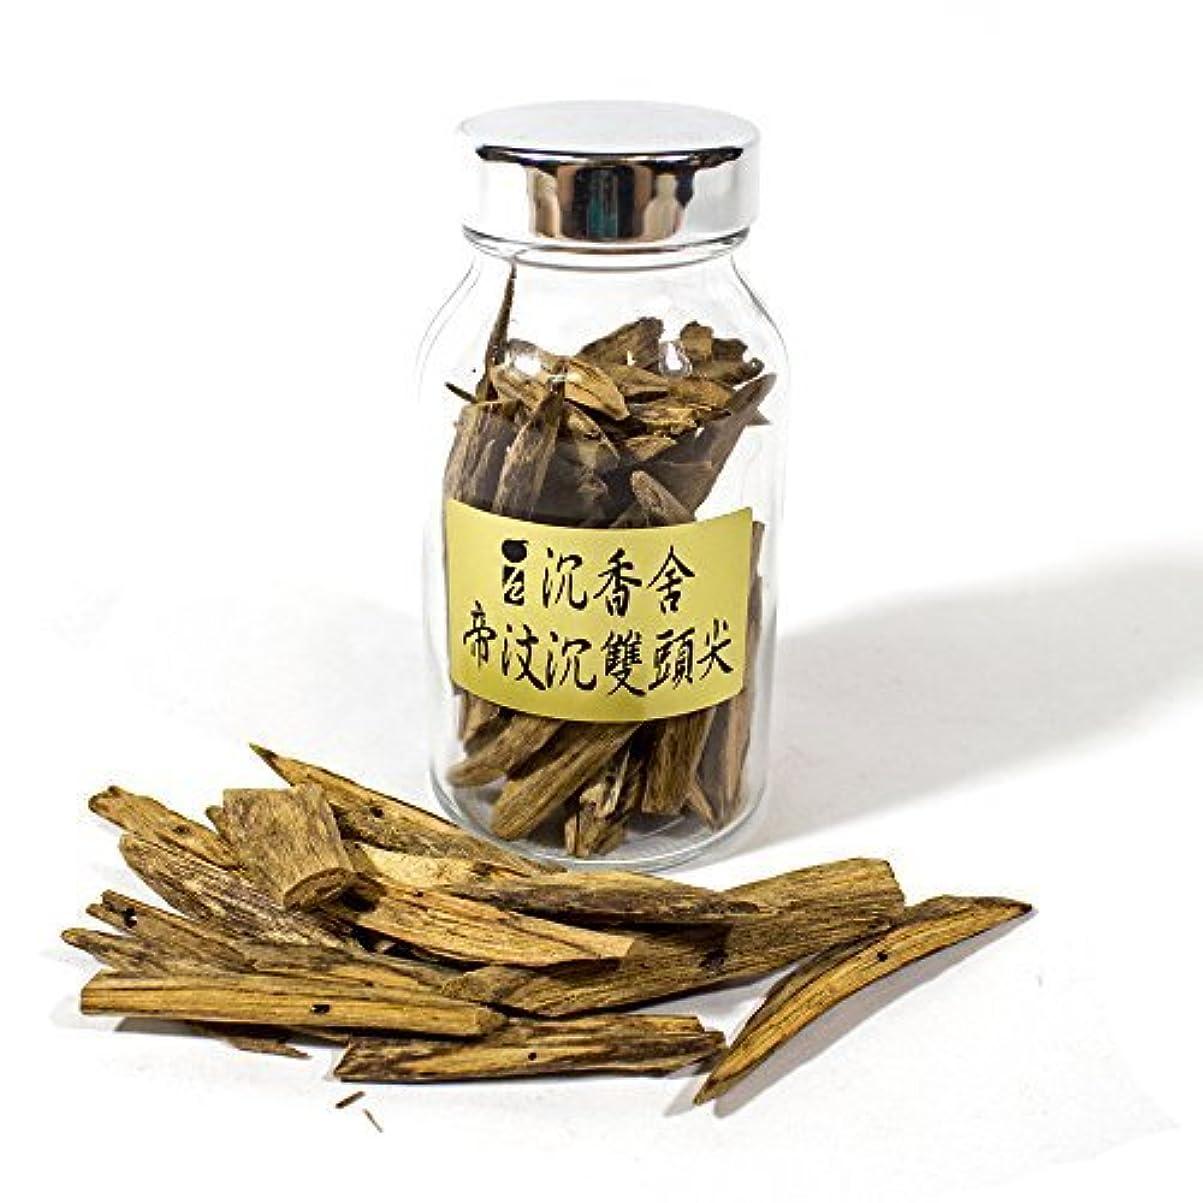 胴体コイル溶融Agarwood Aloeswood Chip Scrap - TiMor Island 20g Collection Grade by IncenseHouse - Raw Material [並行輸入品]